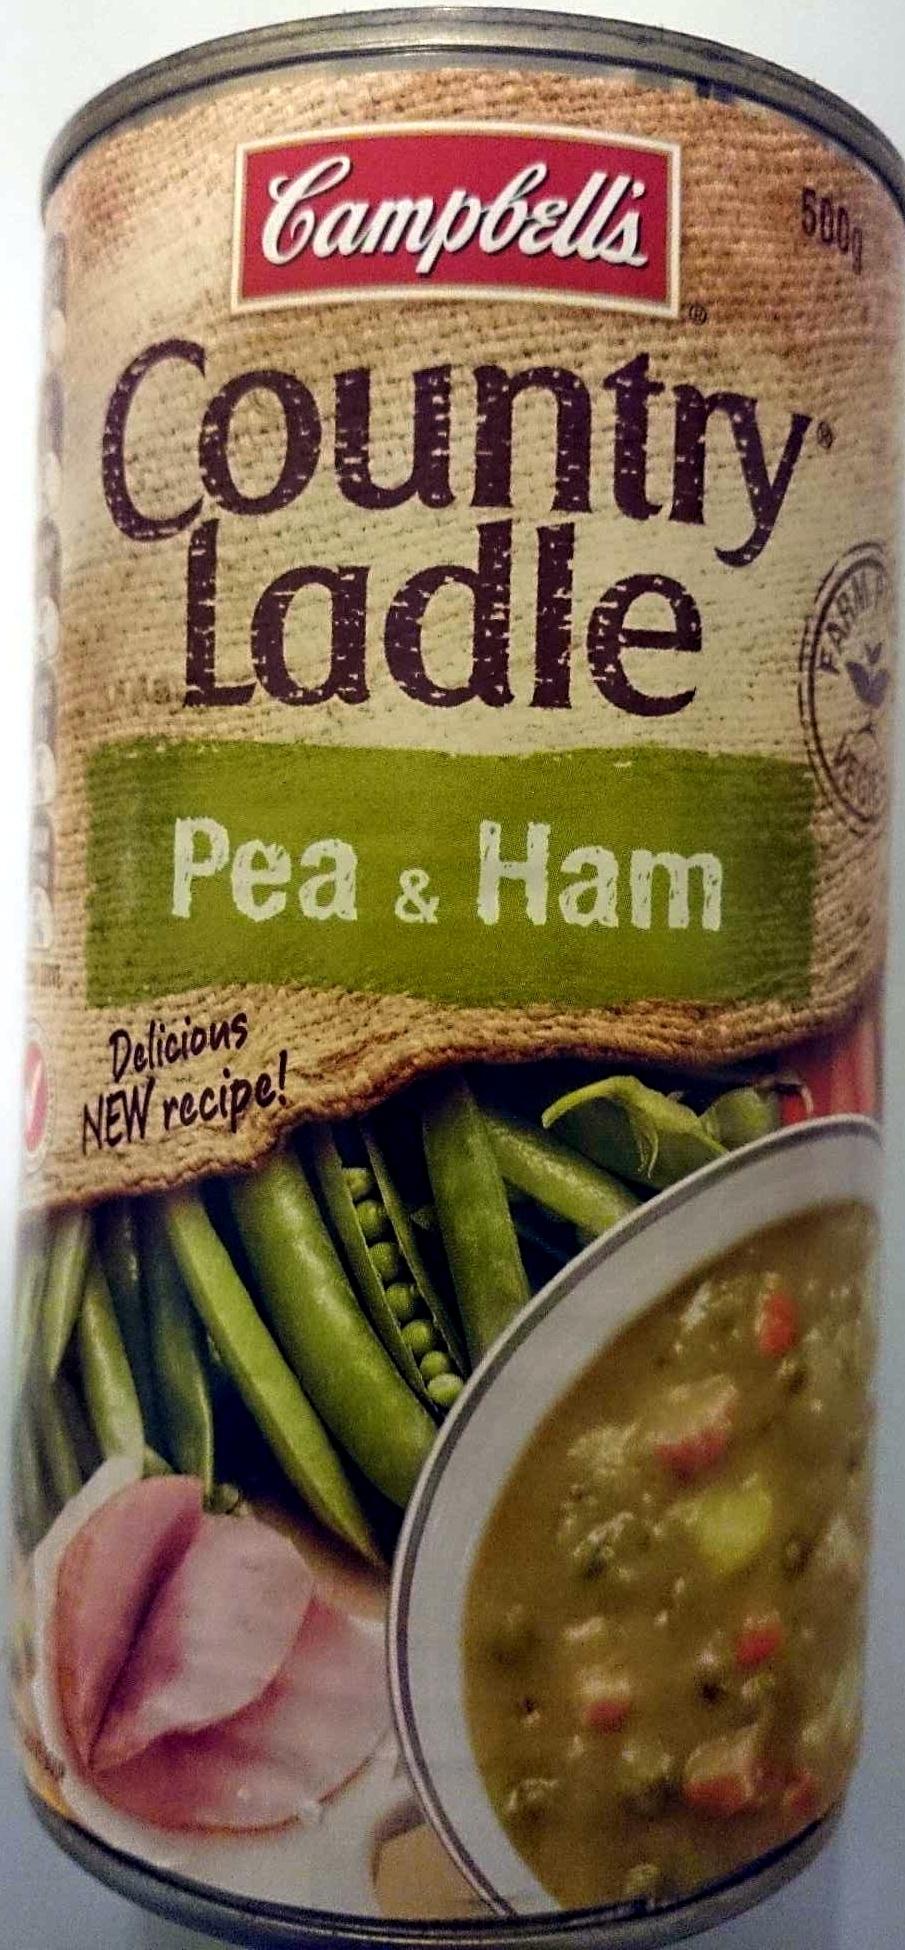 Pea & Ham Soup - Product - en